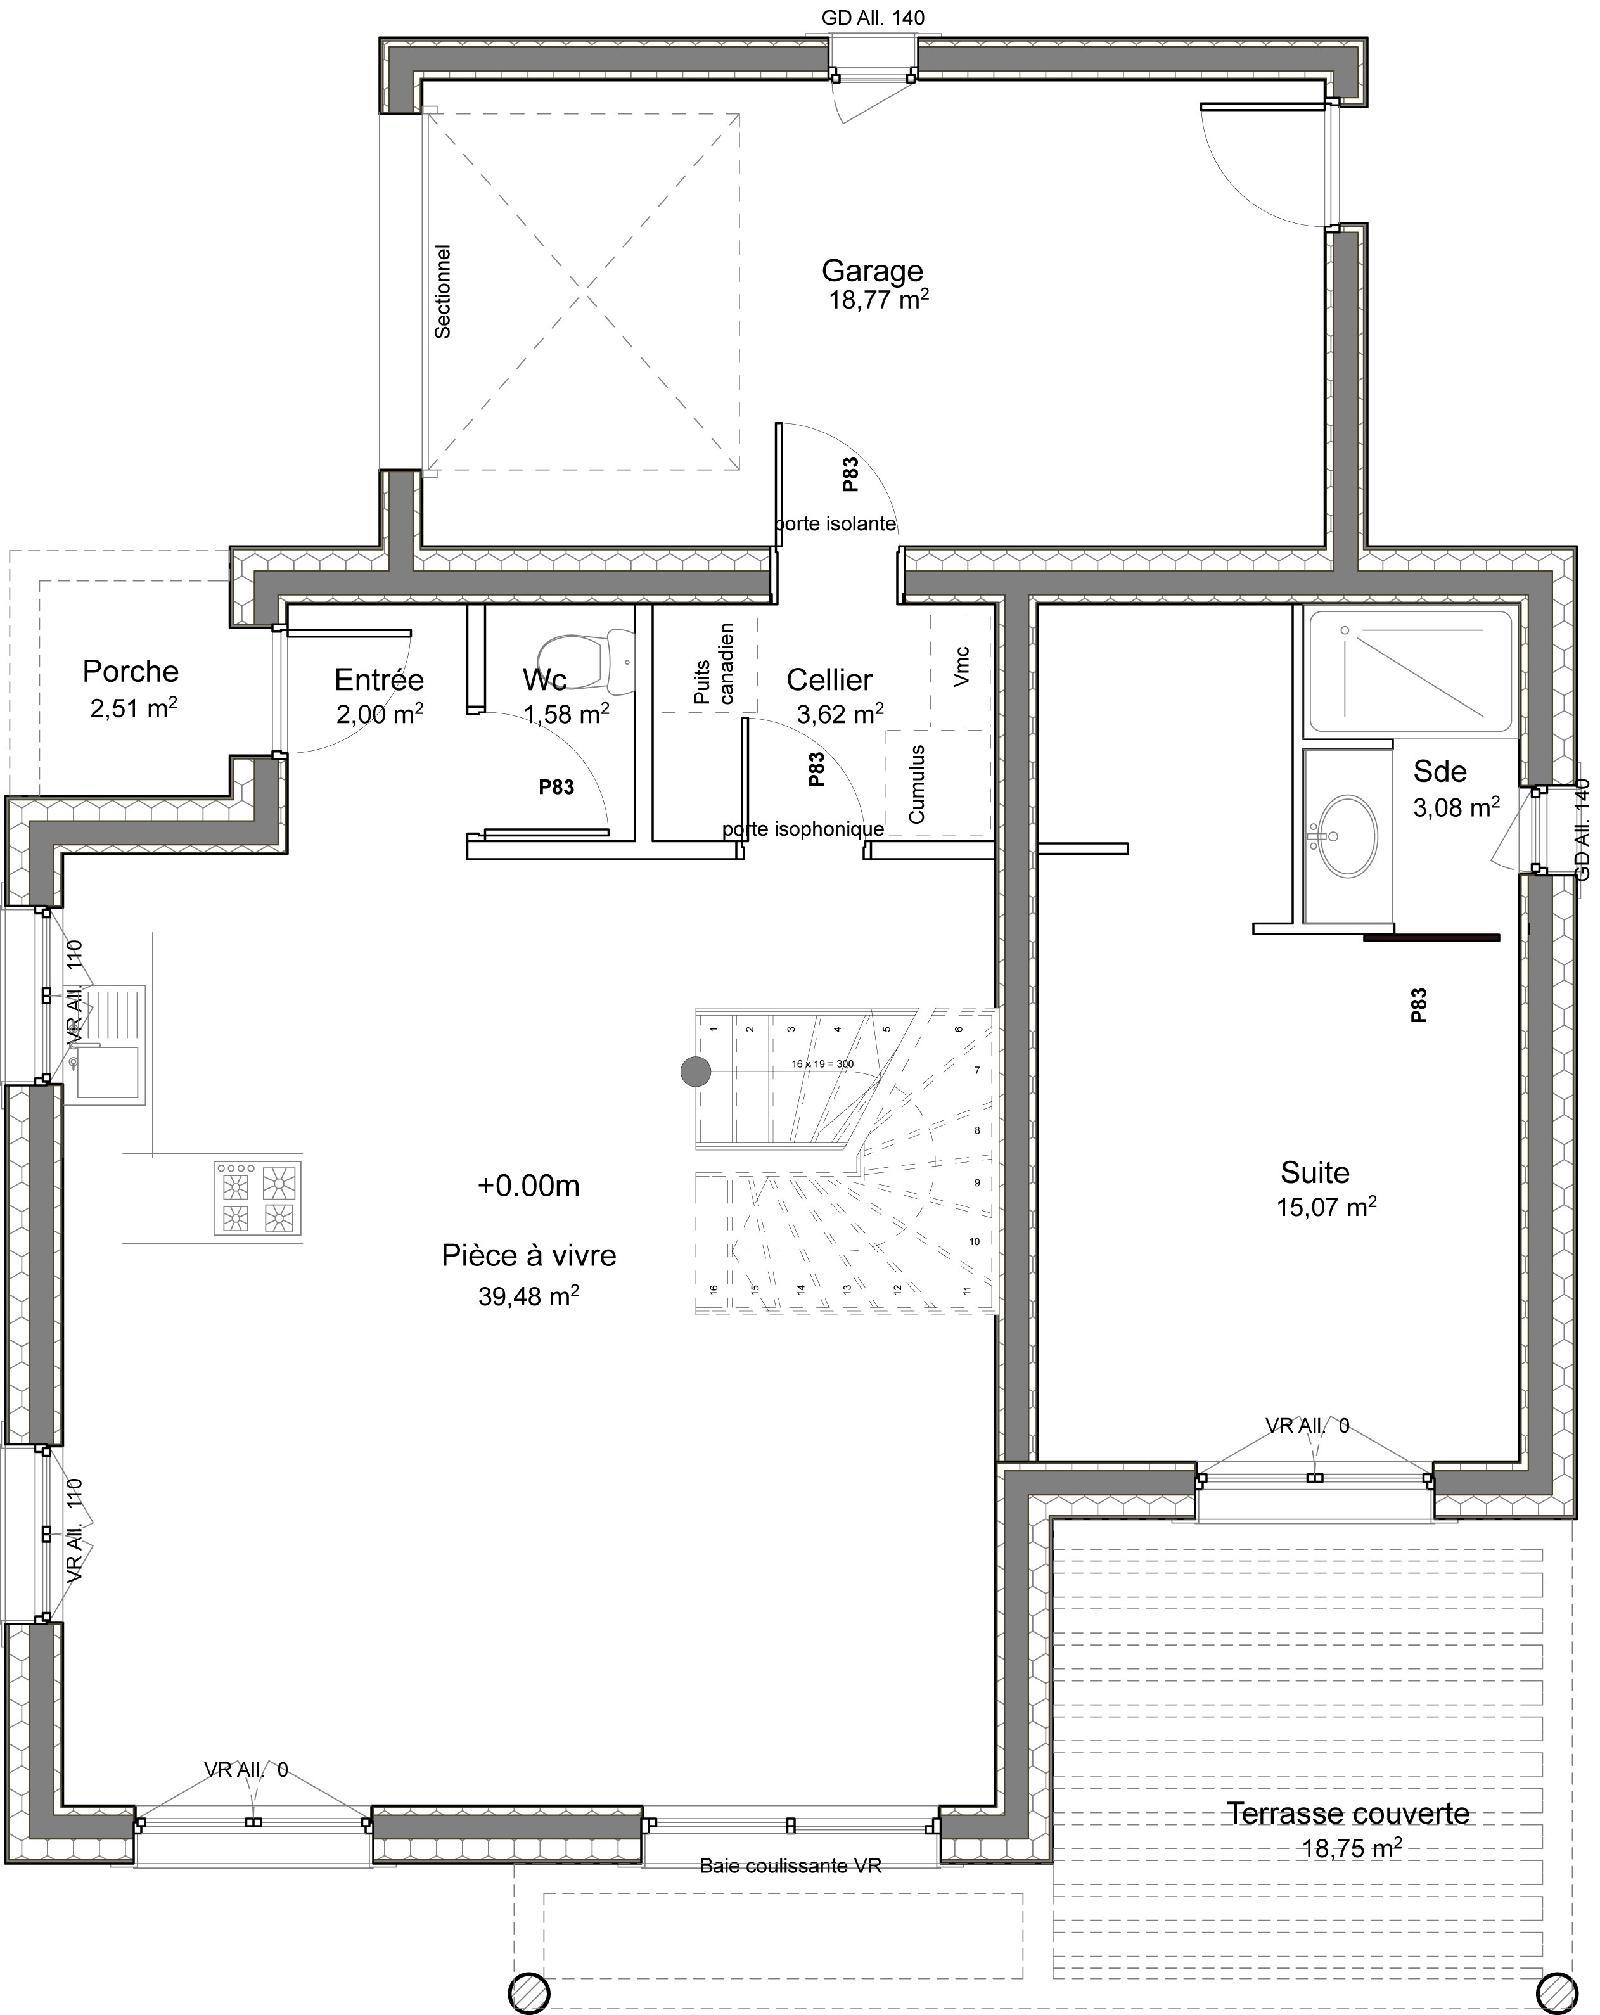 Casa de dos plantas 4 dormitorios y 109 metros cuadrados for Dormitorio 10 metros cuadrados